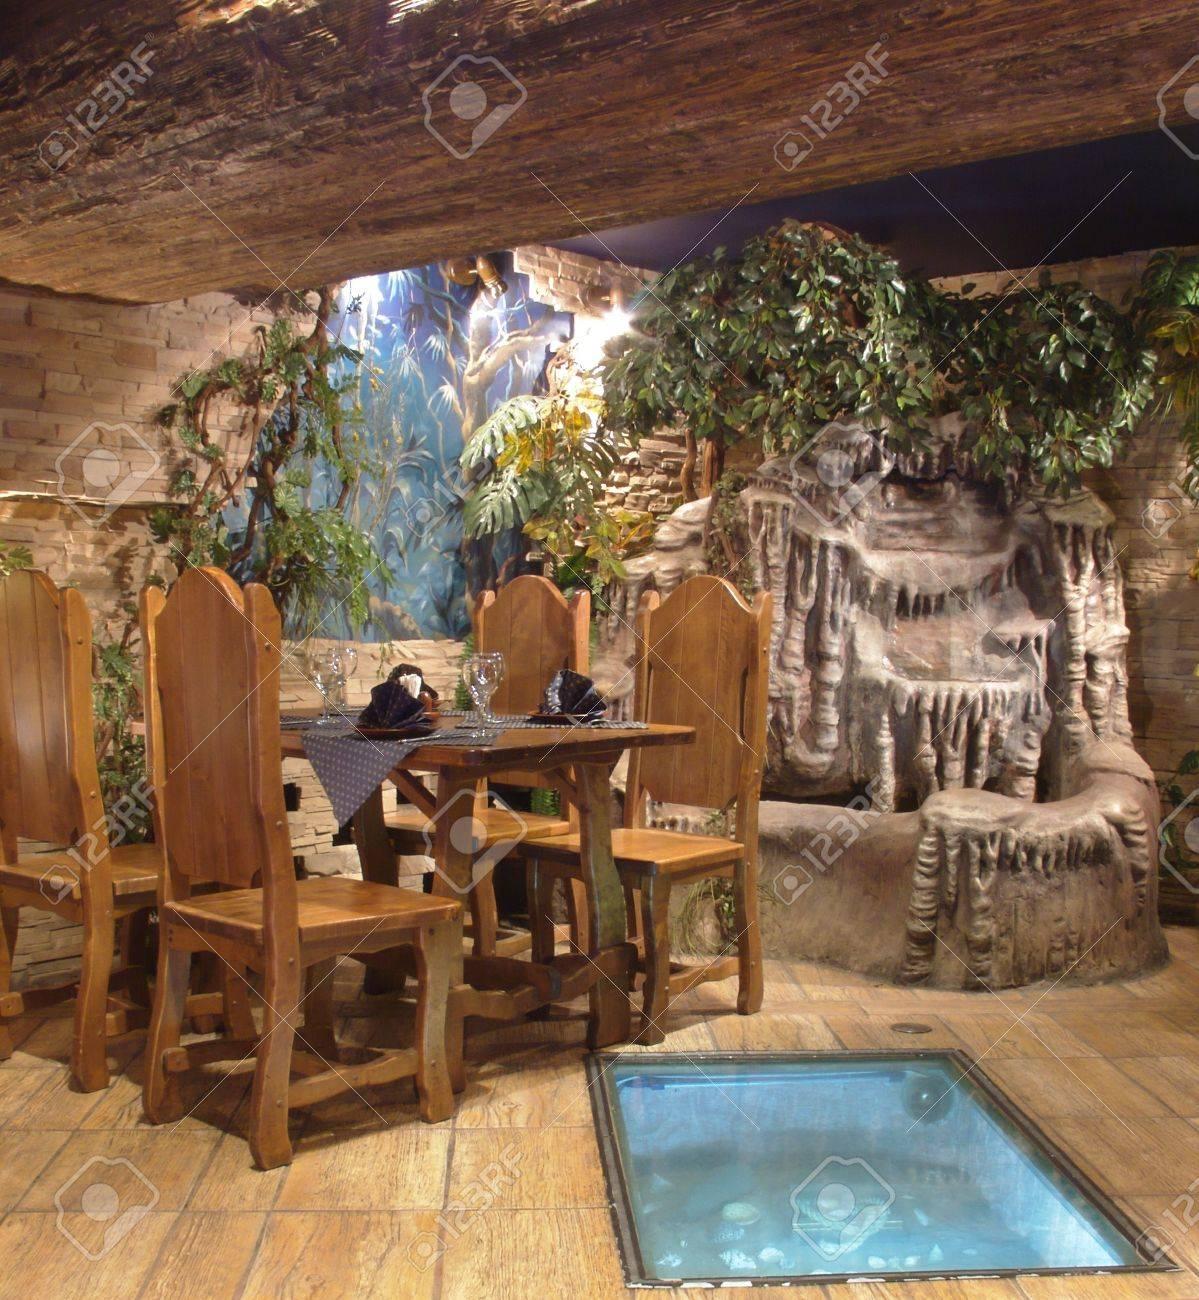 Foto De Archivo   Un Fragmento Del Interior. Mesa De Madera. Fuente  Colocado En Un Volcán. Fuente De Piedra. Decorado Con Vegetación Artificial.